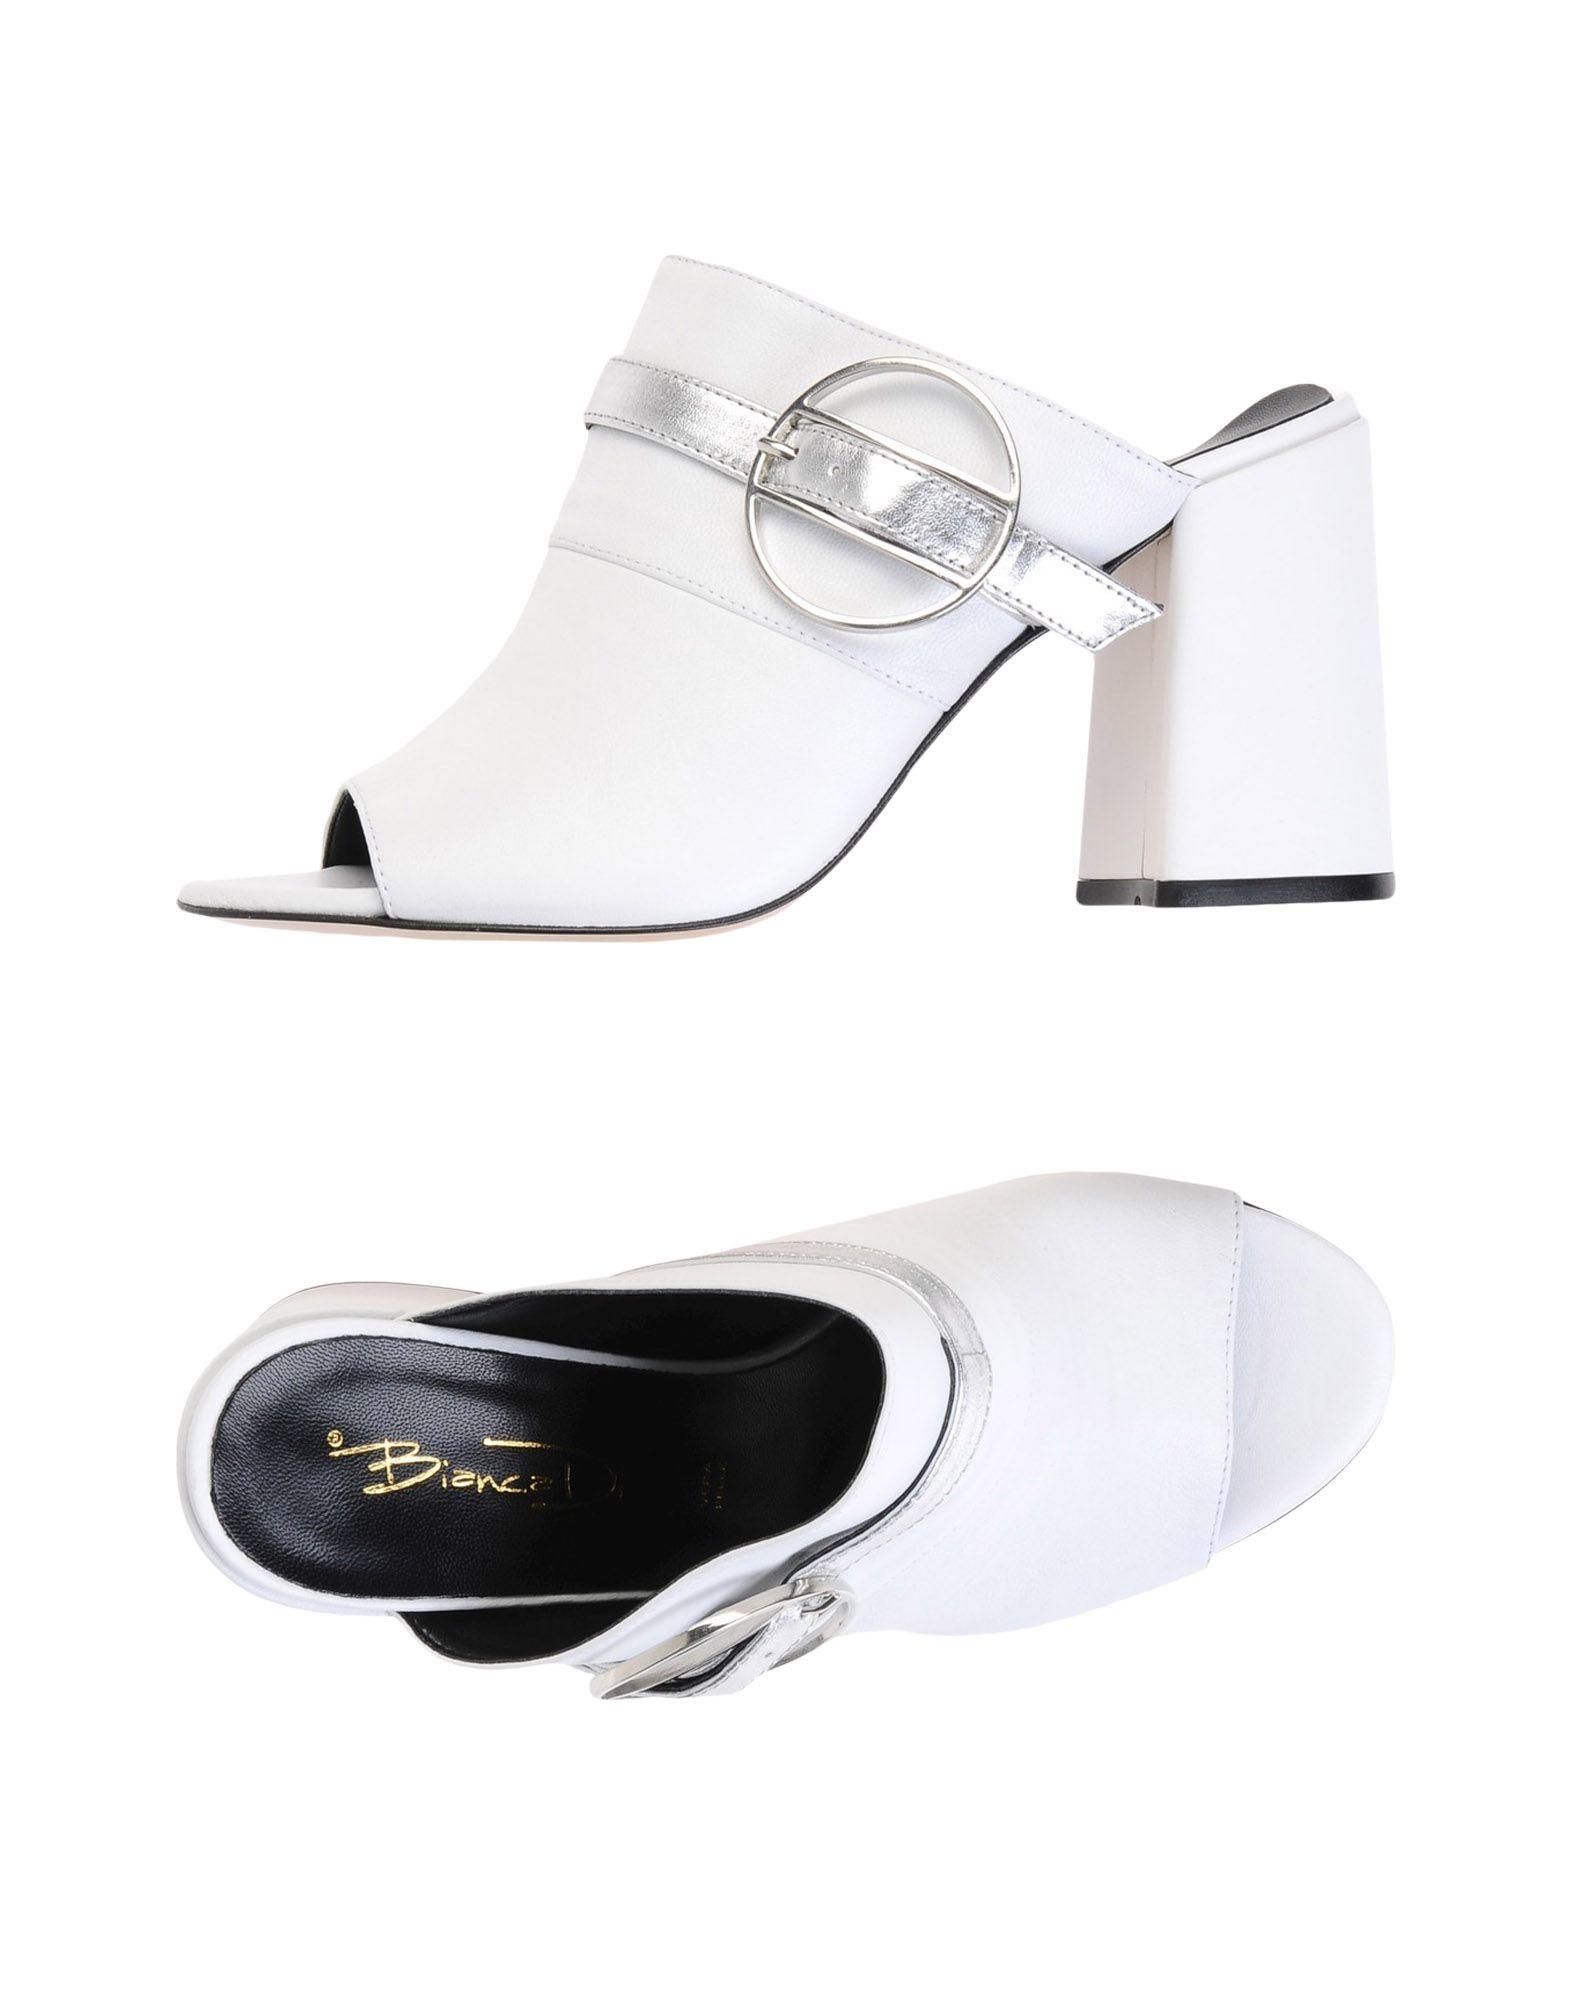 Bianca Bianca Bianca Di Sandalen Damen  11452801JB Gute Qualität beliebte Schuhe 4c225a